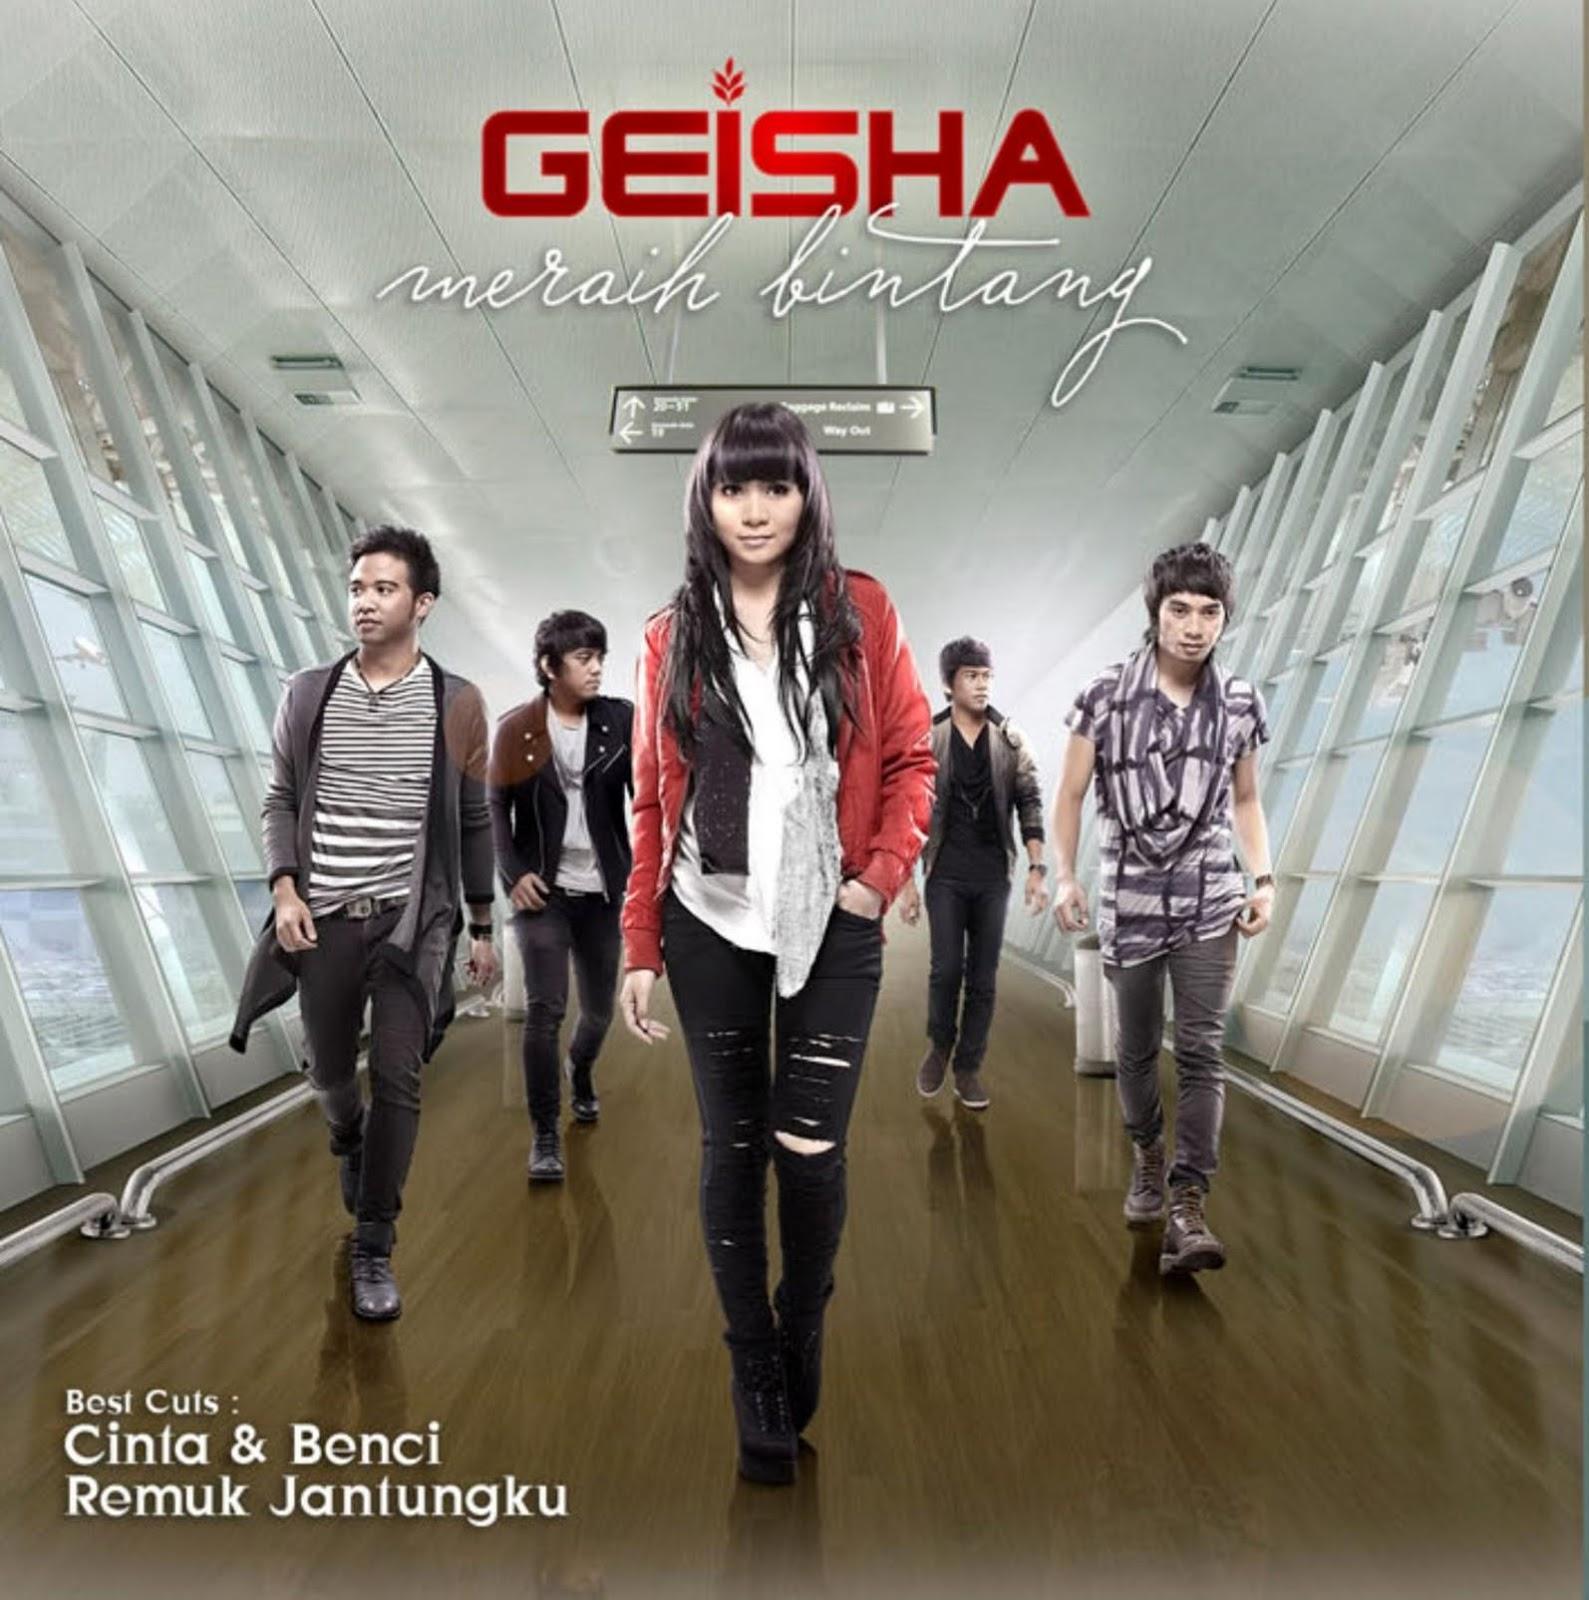 Dwonloand Lagu Meraih Bintang: Download Kumpulan Lagu Geisha Terbaru 2016 Full Album